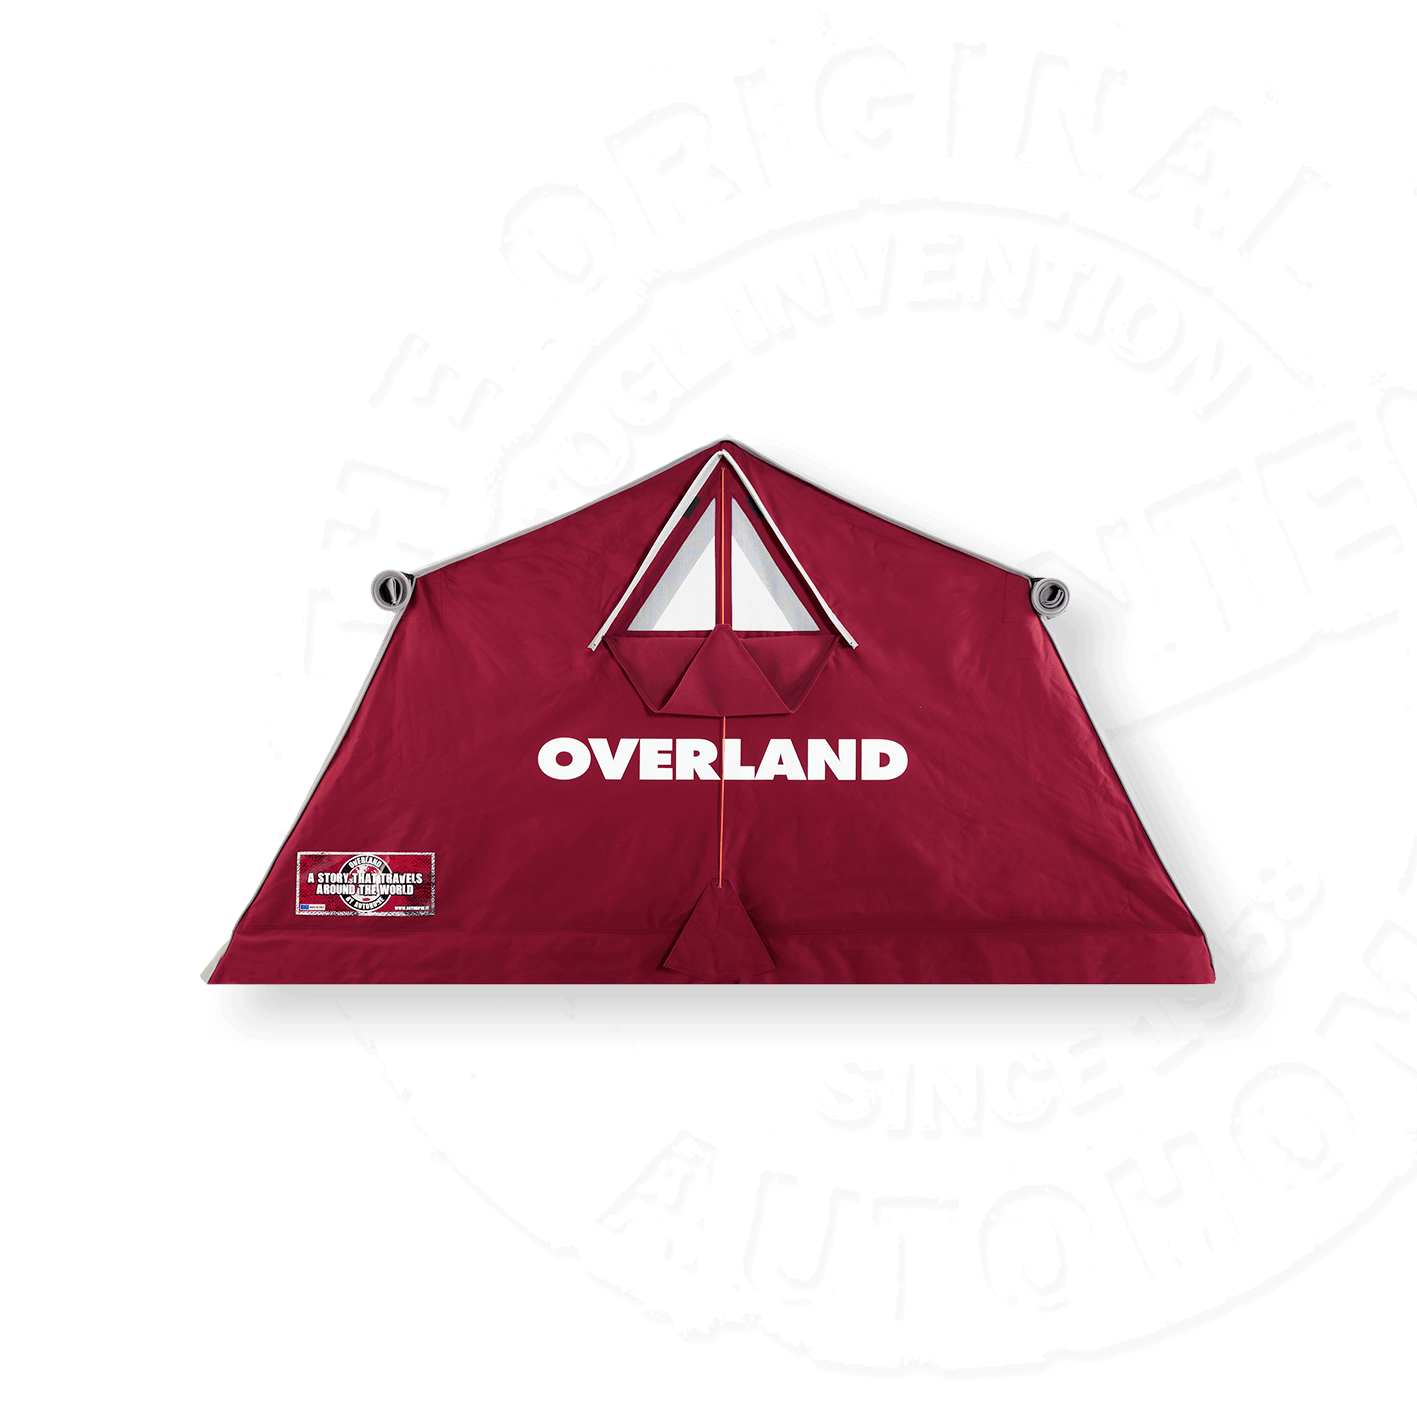 Autohome Dachzelt - Bordeaux Overland Roof Top Tents